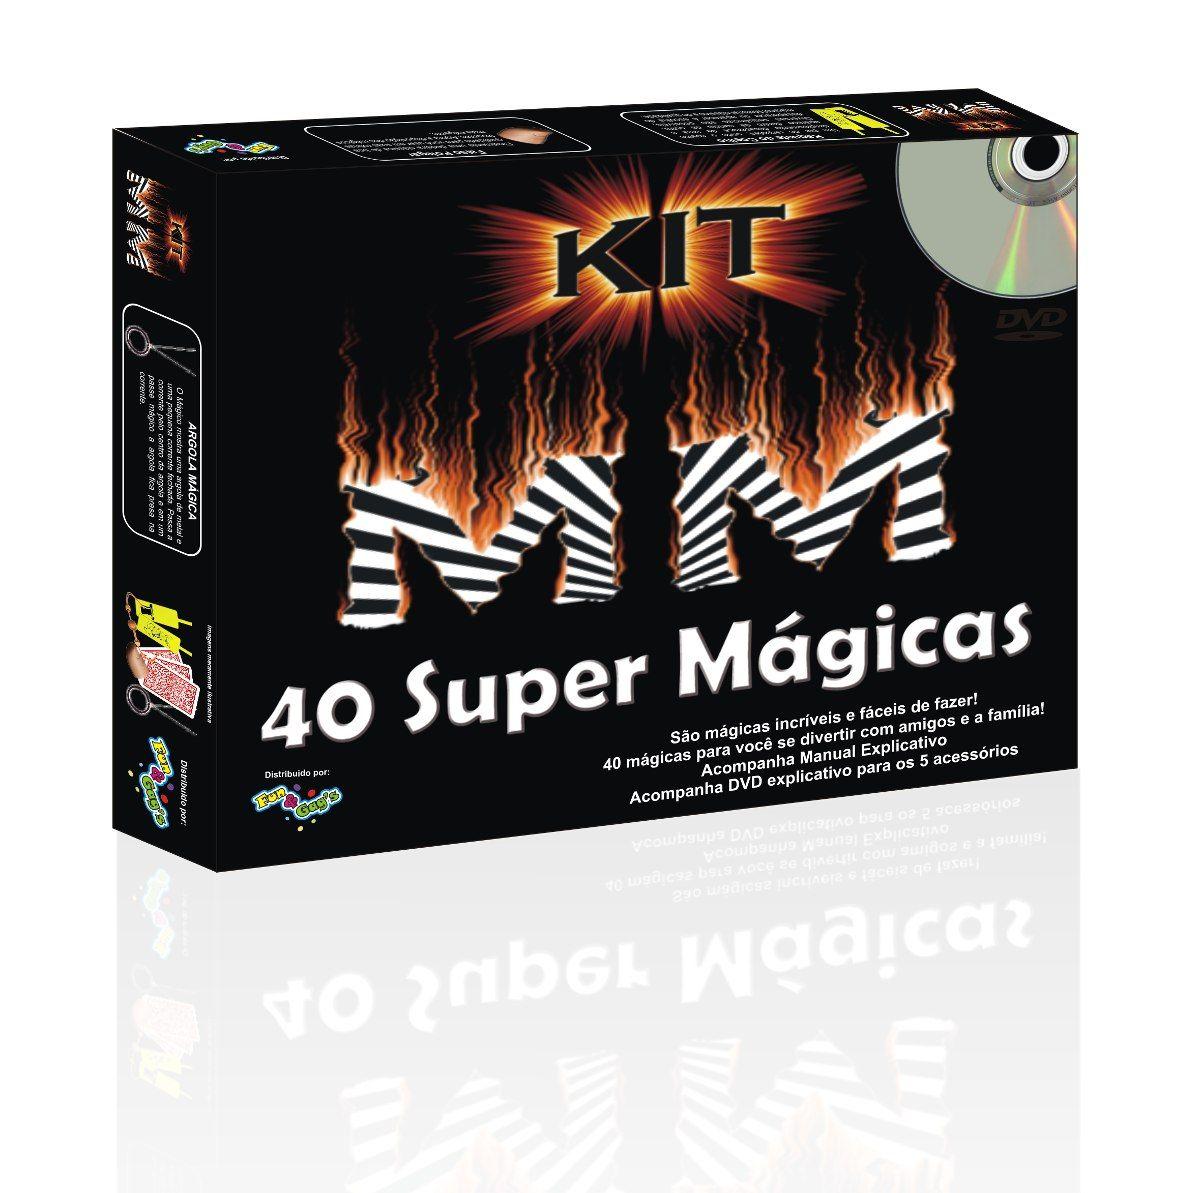 Kit de Mágicas Mister M MM  R+